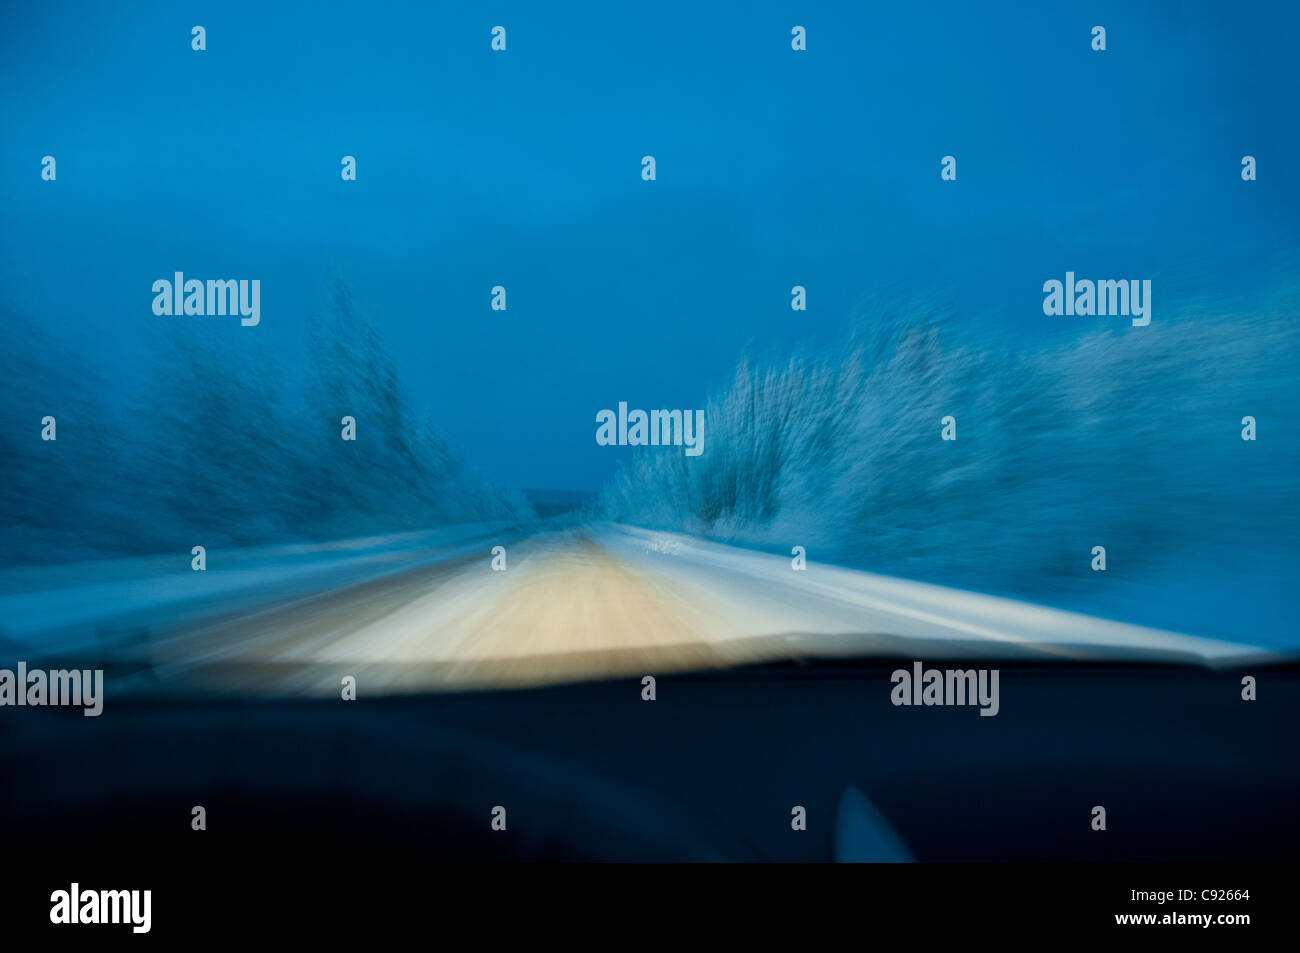 Point de vue du conducteur de la conduite dans la soirée sur une route en neige Parc national Kluane, Yukon Territory, Canada Banque D'Images